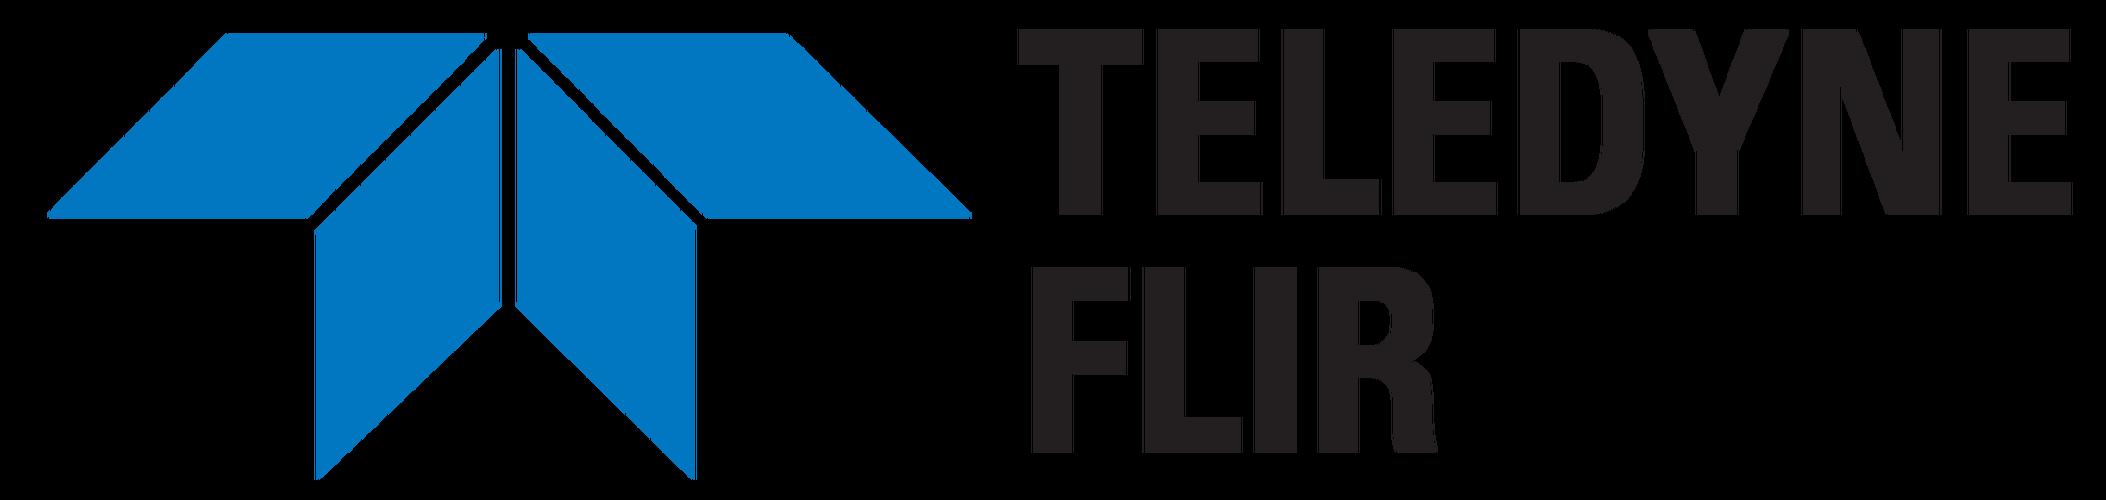 Teledyne FLIR